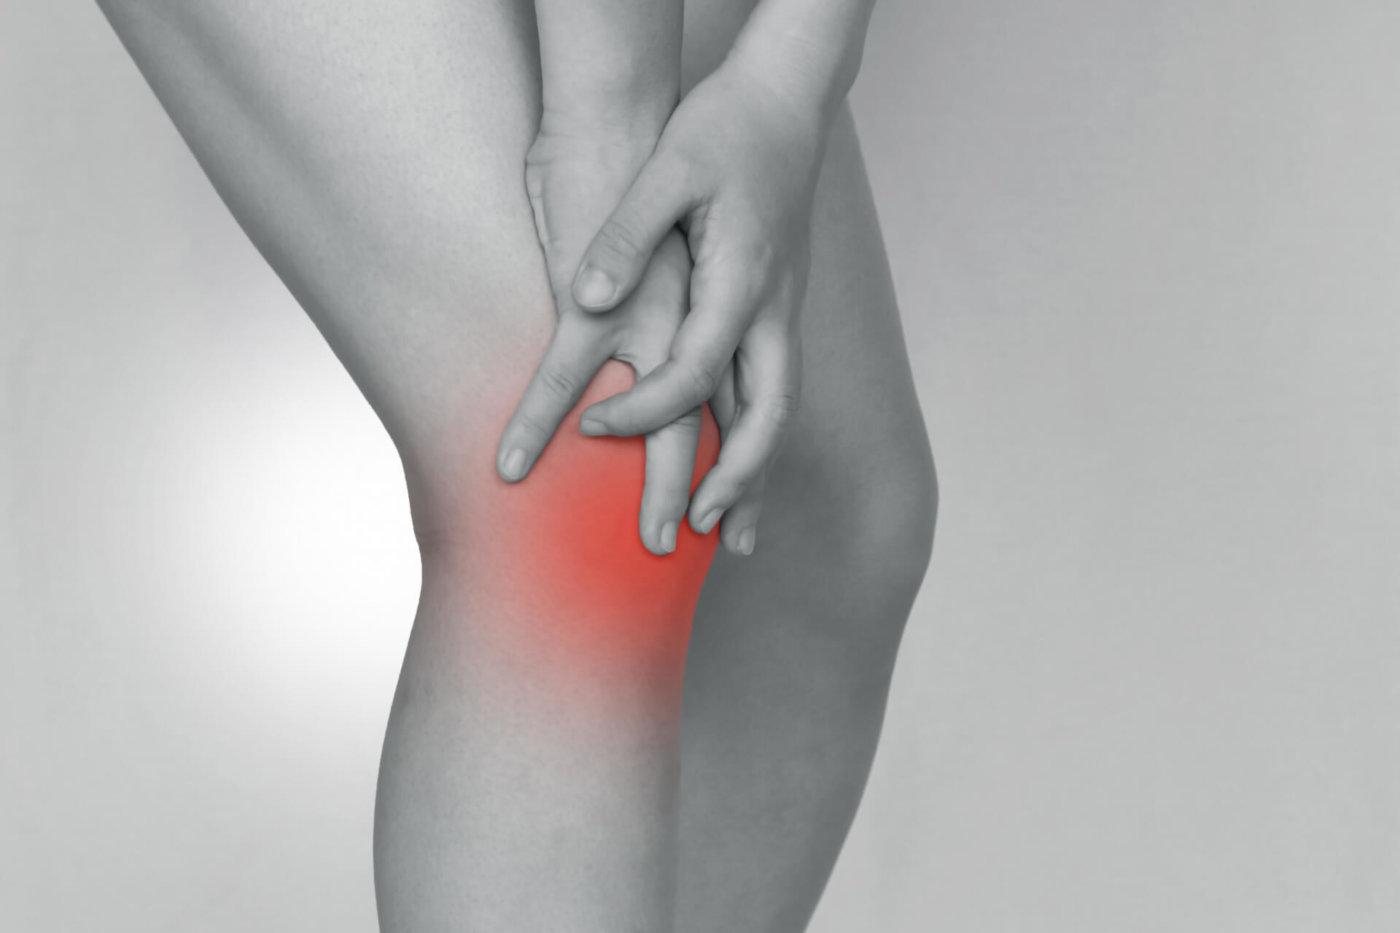 ランニングで膝の痛みが発生する理由と改善方法